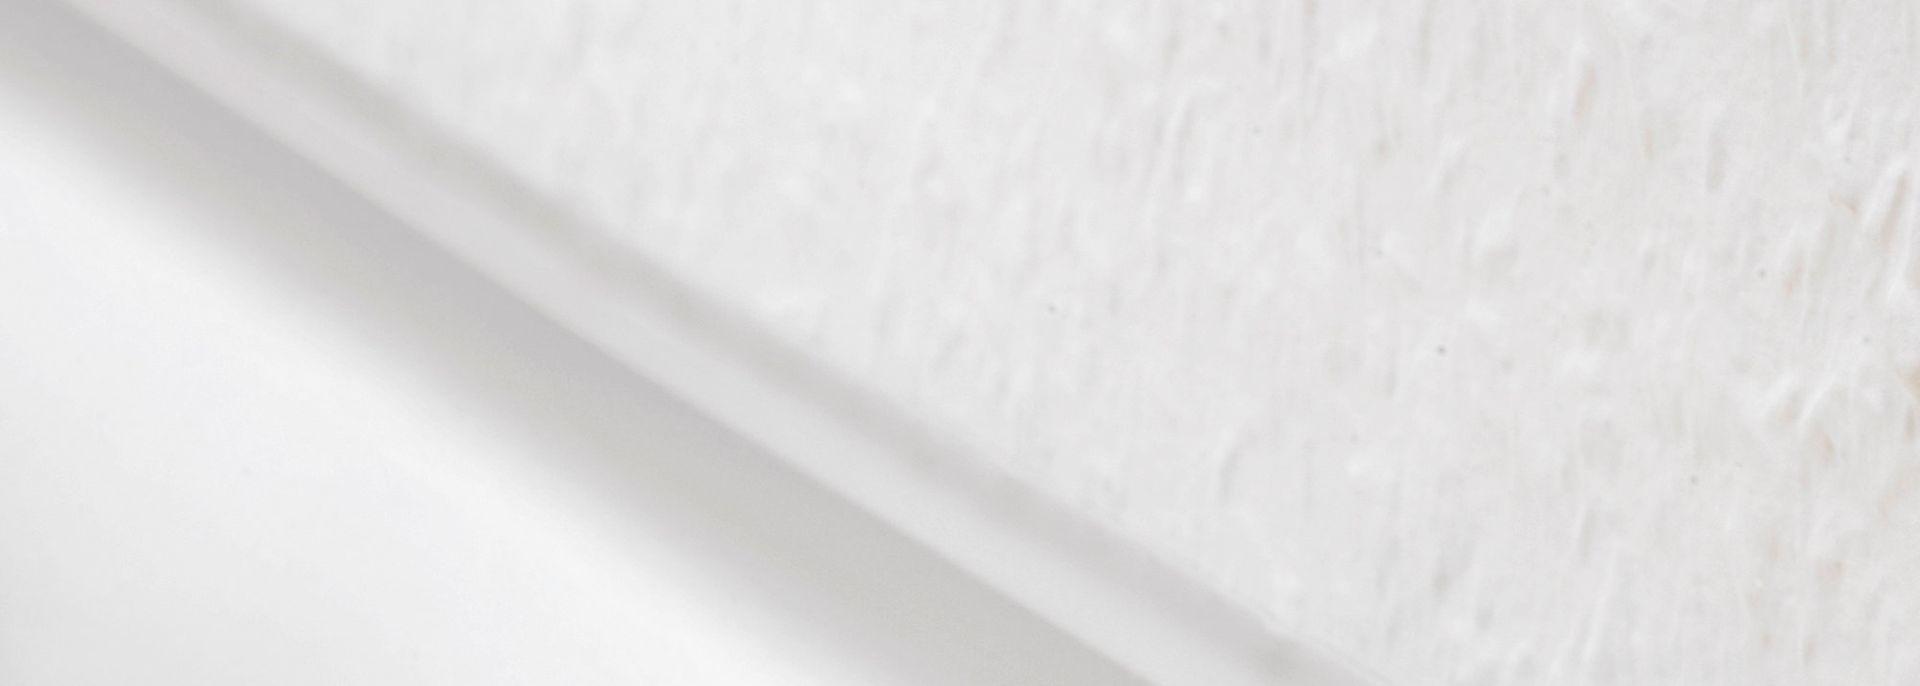 RAUWALON_trend-line